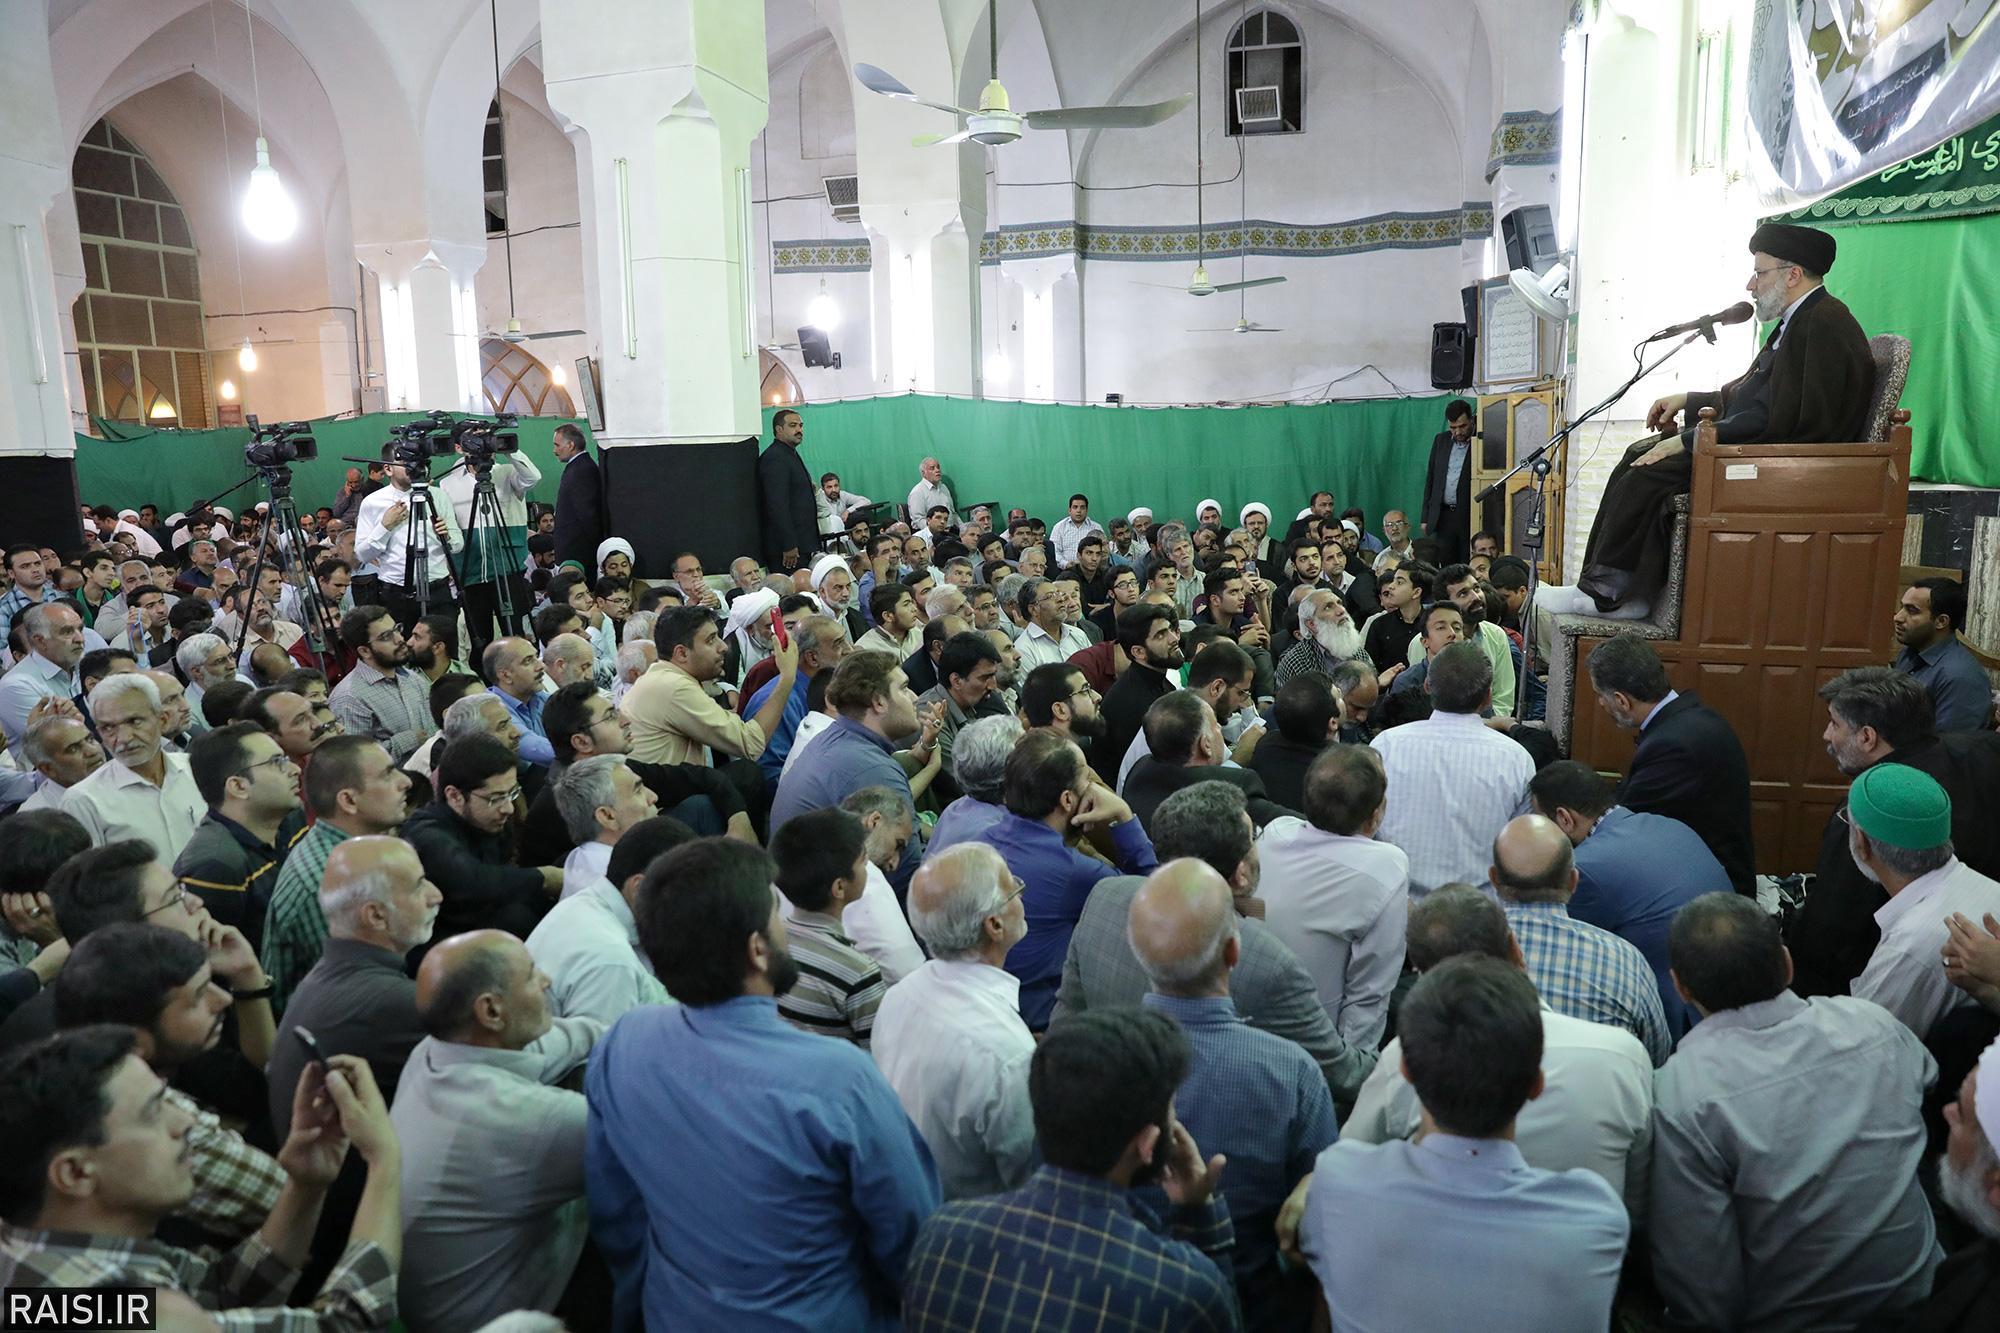 گزارش تصویری سخنرانی تولیت آستان قدس در مراسم سوگواری امام باقر(ع) و گرامیداشت آیت الله مدرسی